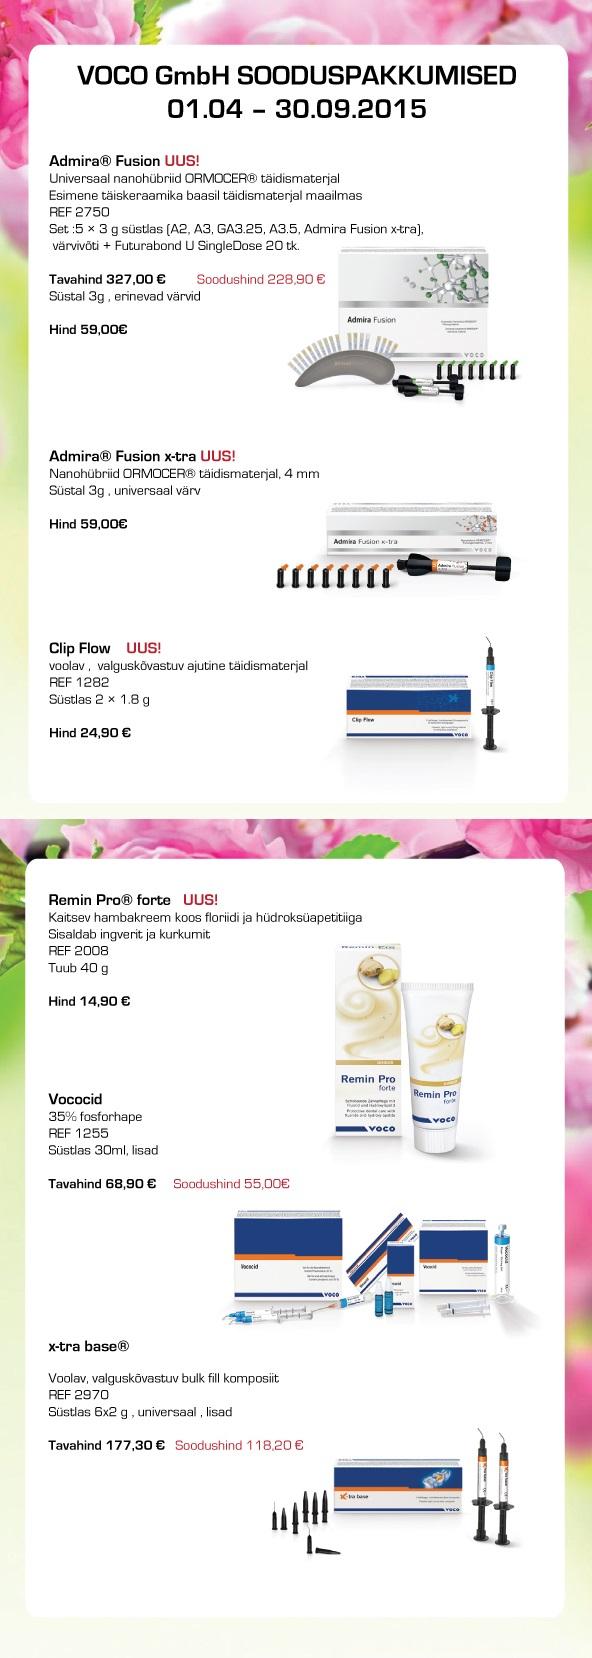 VOCO GmbH sooduspakkumised 01.04-30.09.15